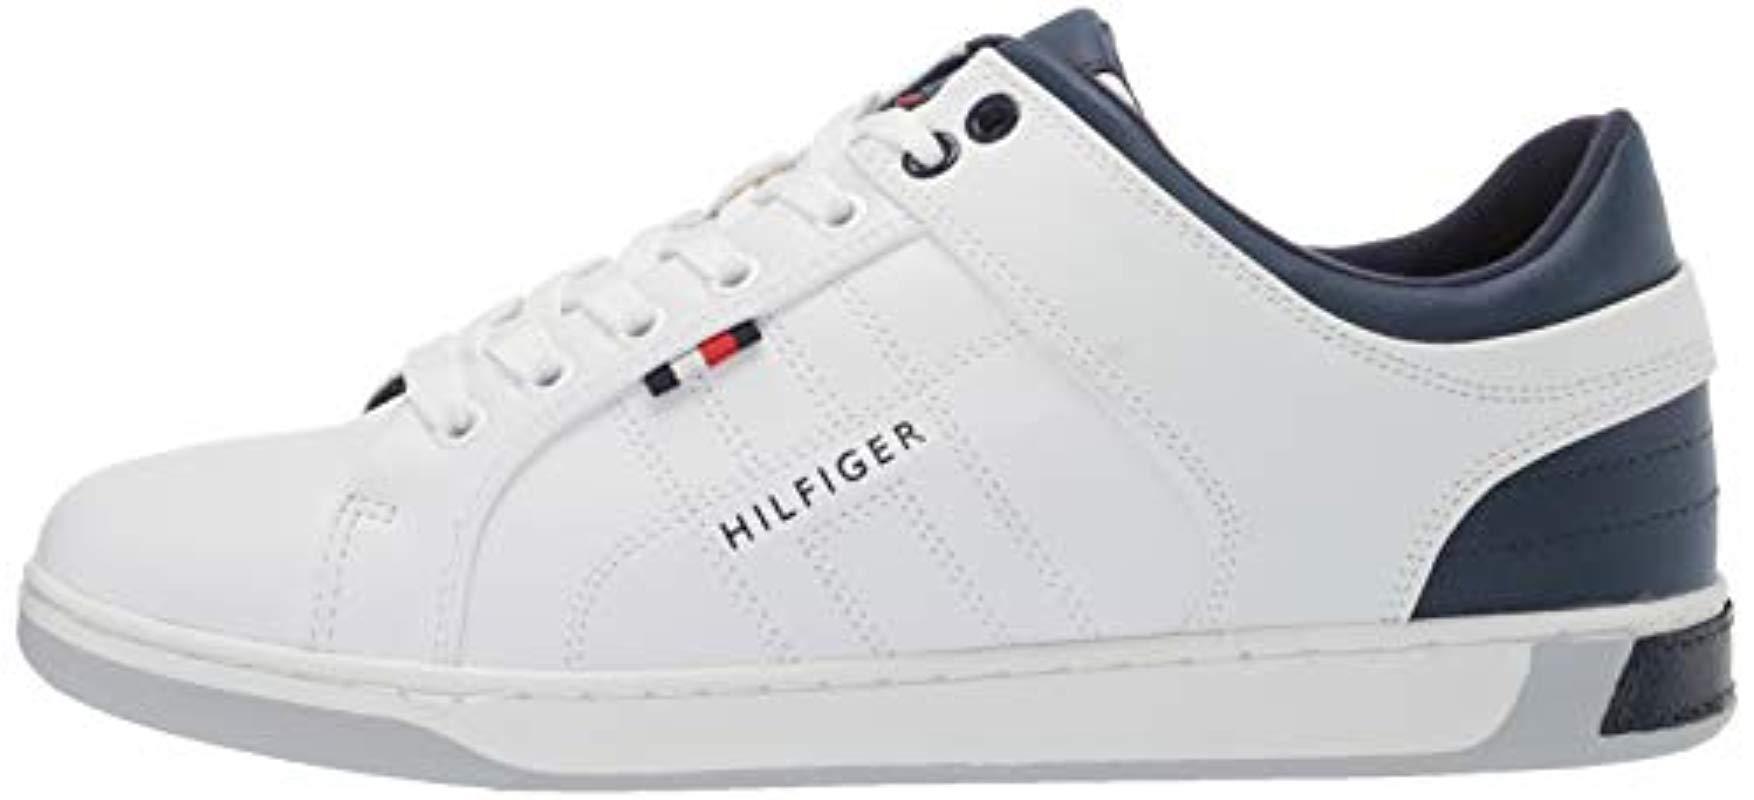 Tommy Hilfiger Samir Sneaker in White